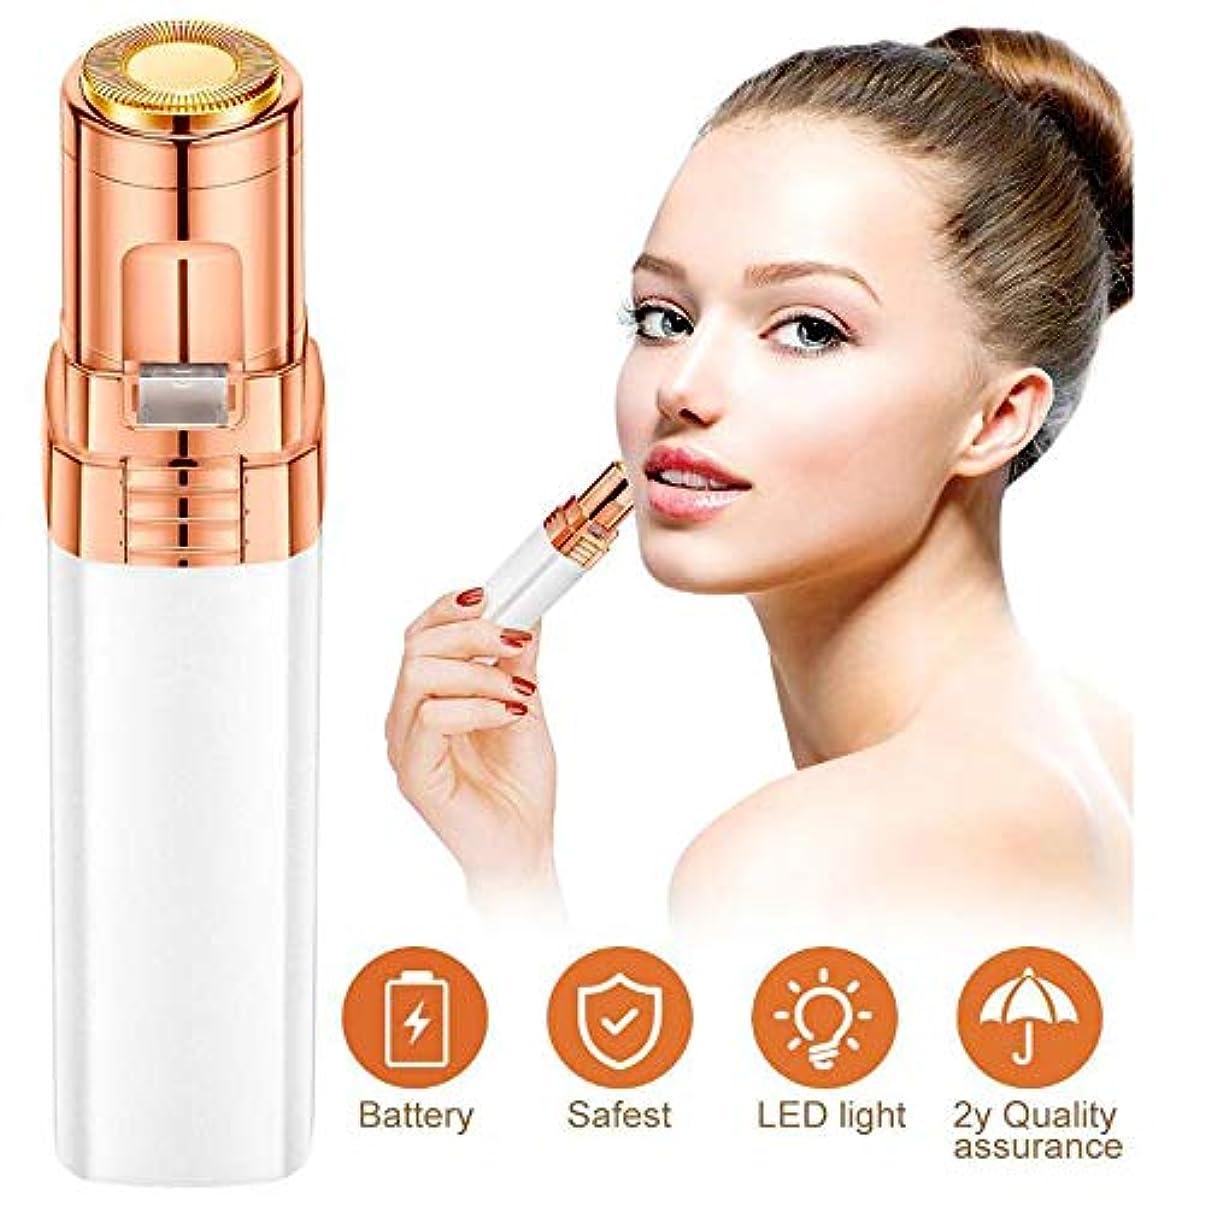 検出器ヒゲ単位女性のための痛みのない顔の毛の除去口紅シェーバー乾電池レディーシェーバー電気かみそり電気かみそりの毛除去ナイフ